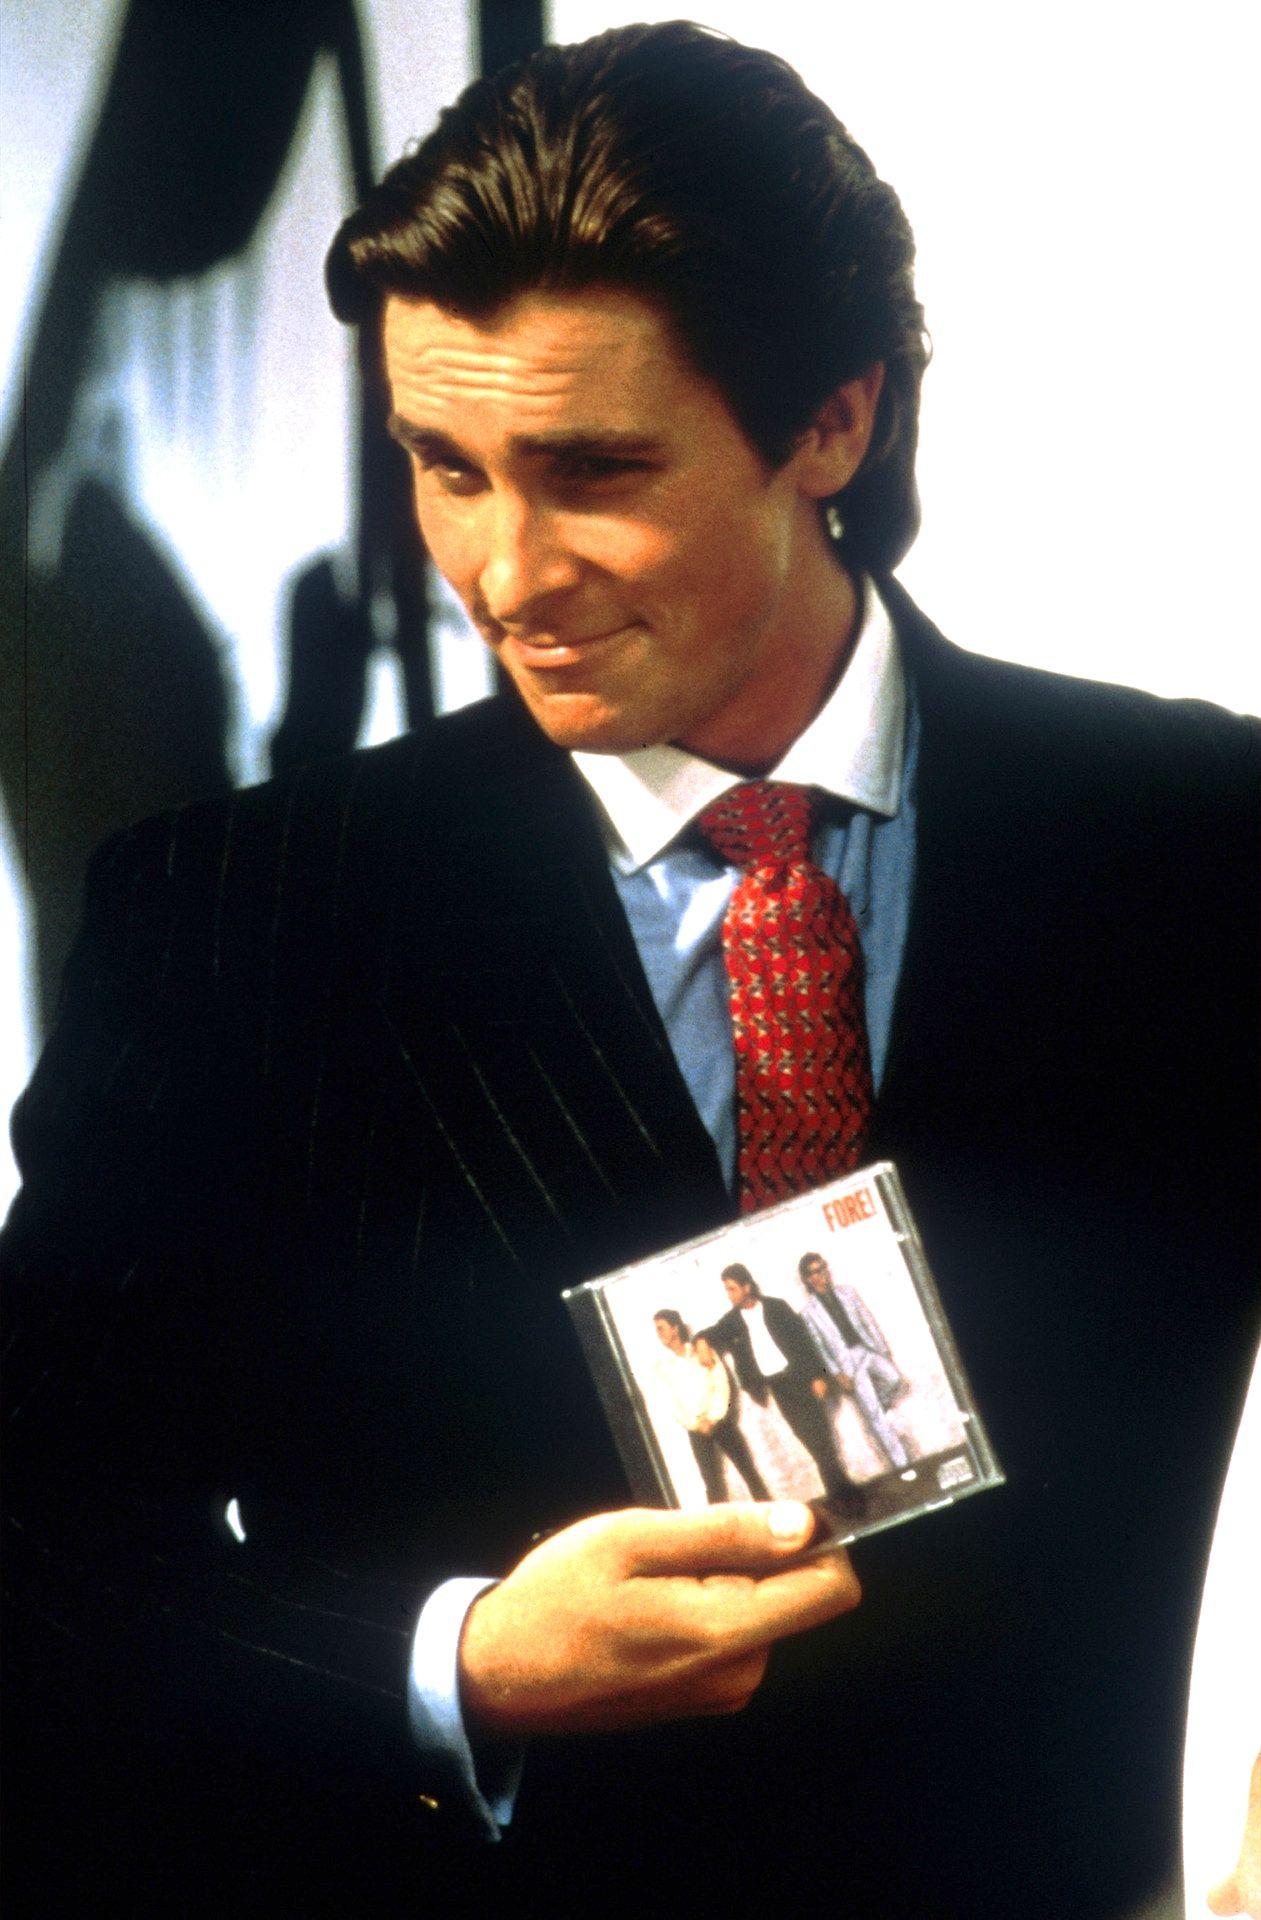 Christian bale as huey lewis fan patrick bateman in american christian bale as huey lewis fan patrick bateman in american psycho reheart Images